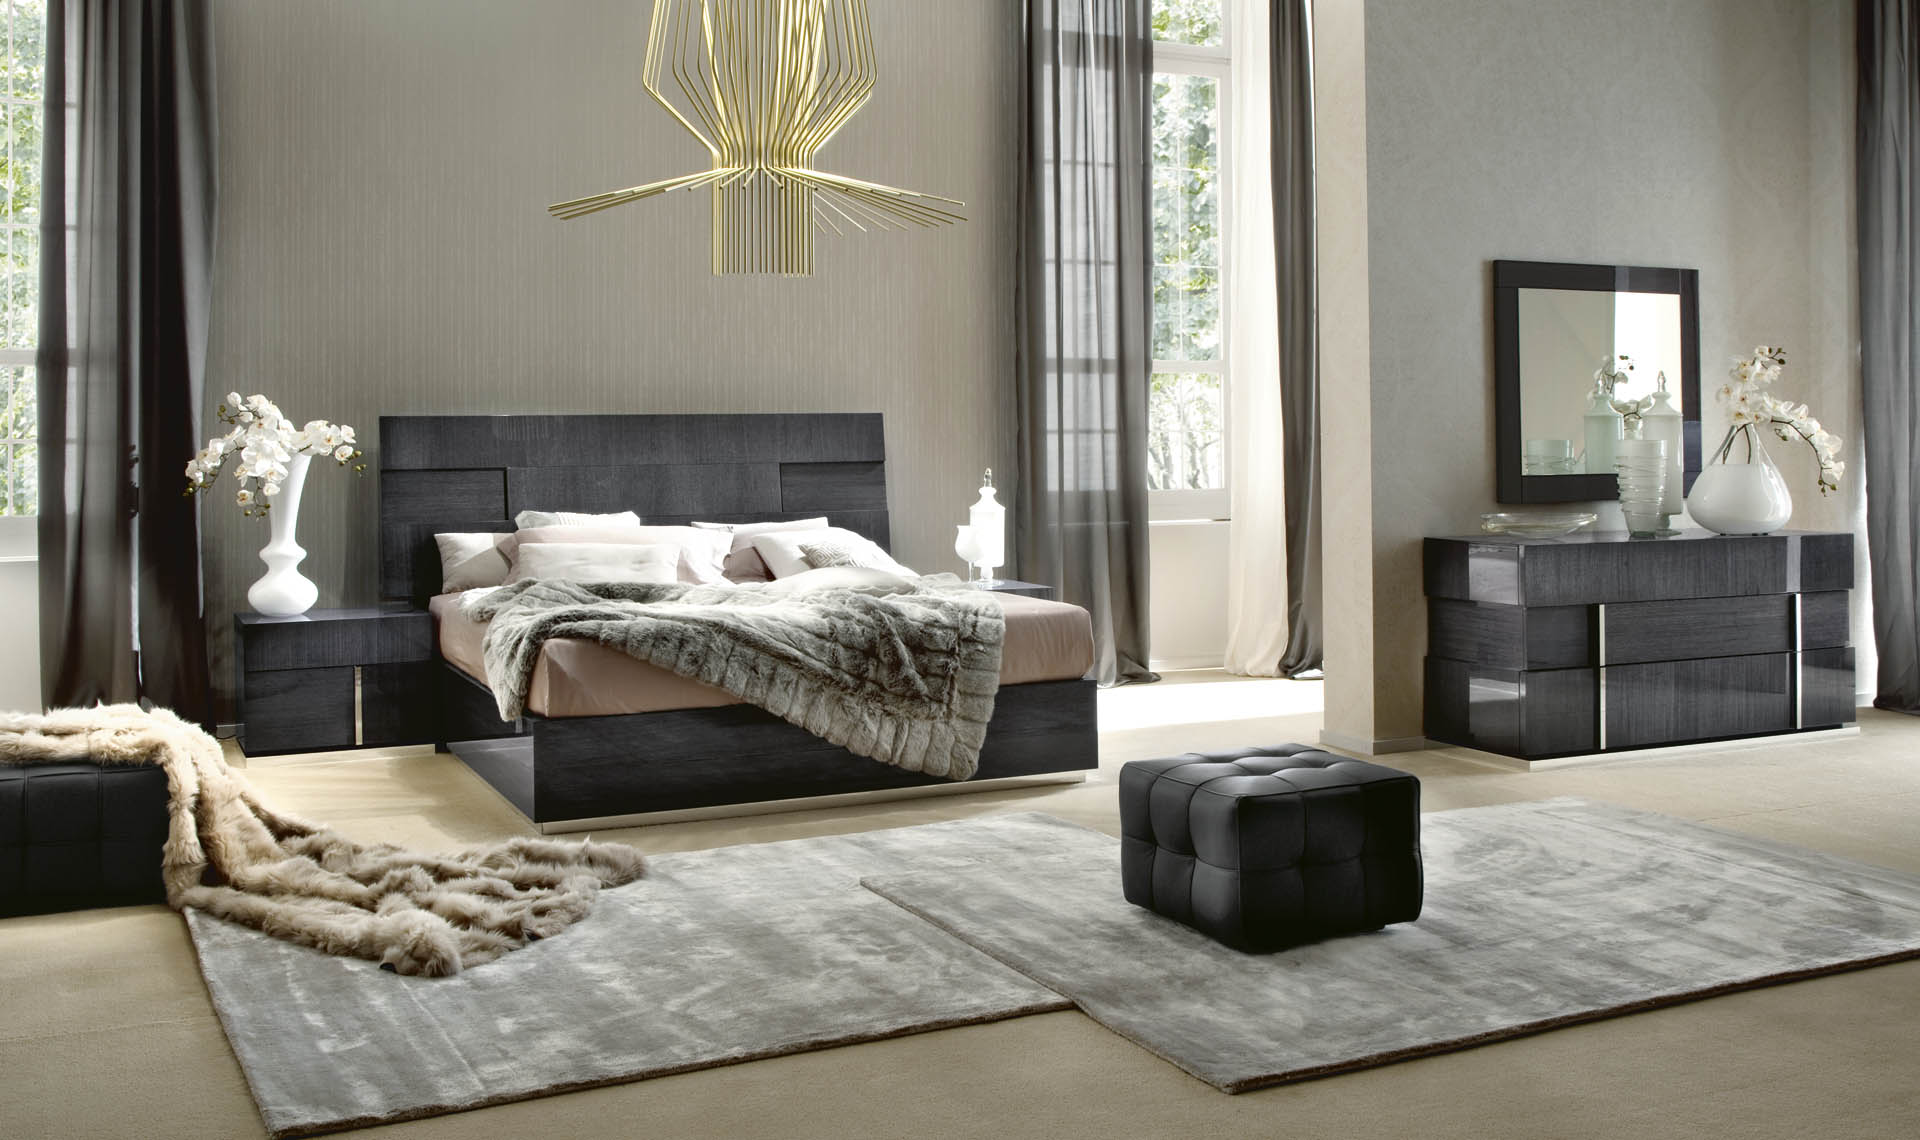 Montecarlo Bedroom Overview